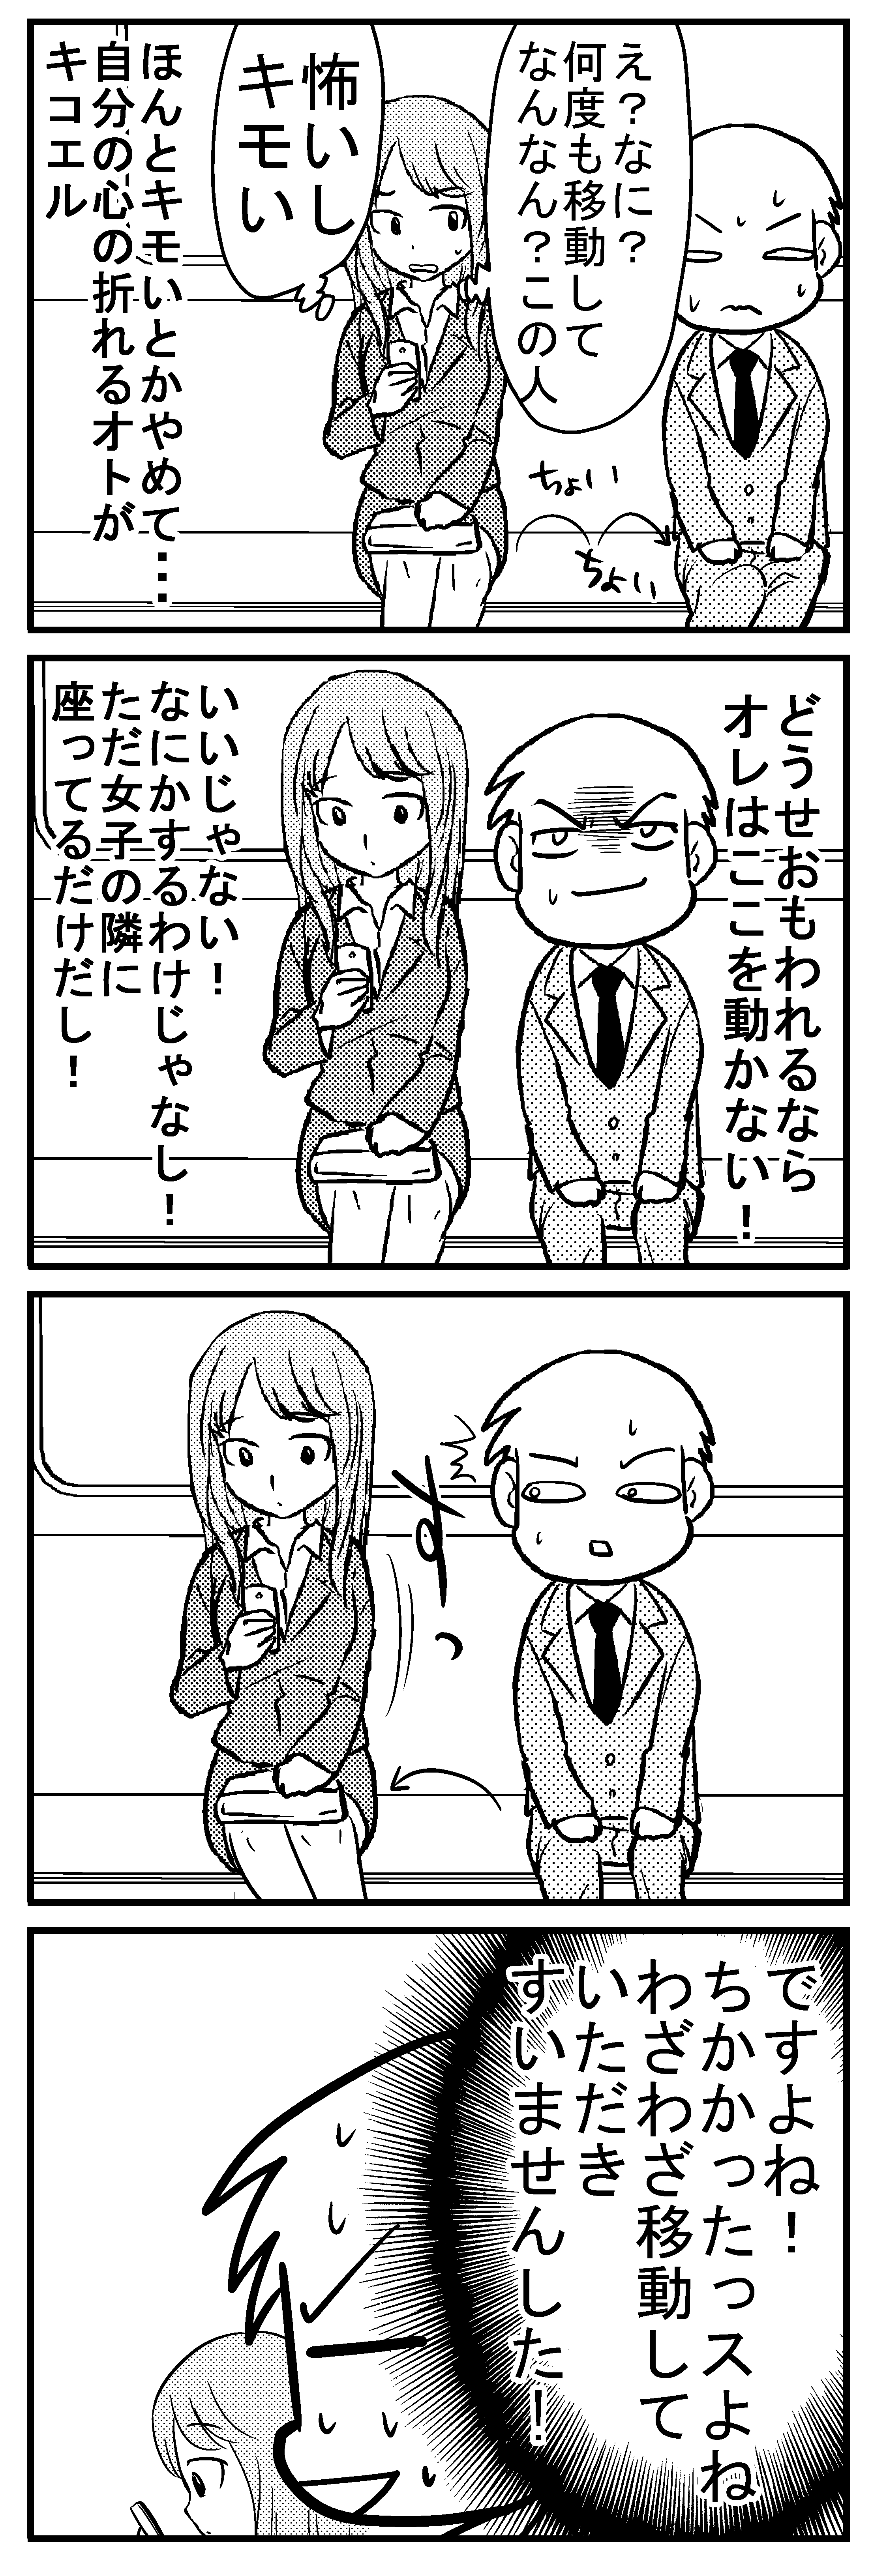 深読みくん49-4 (1)